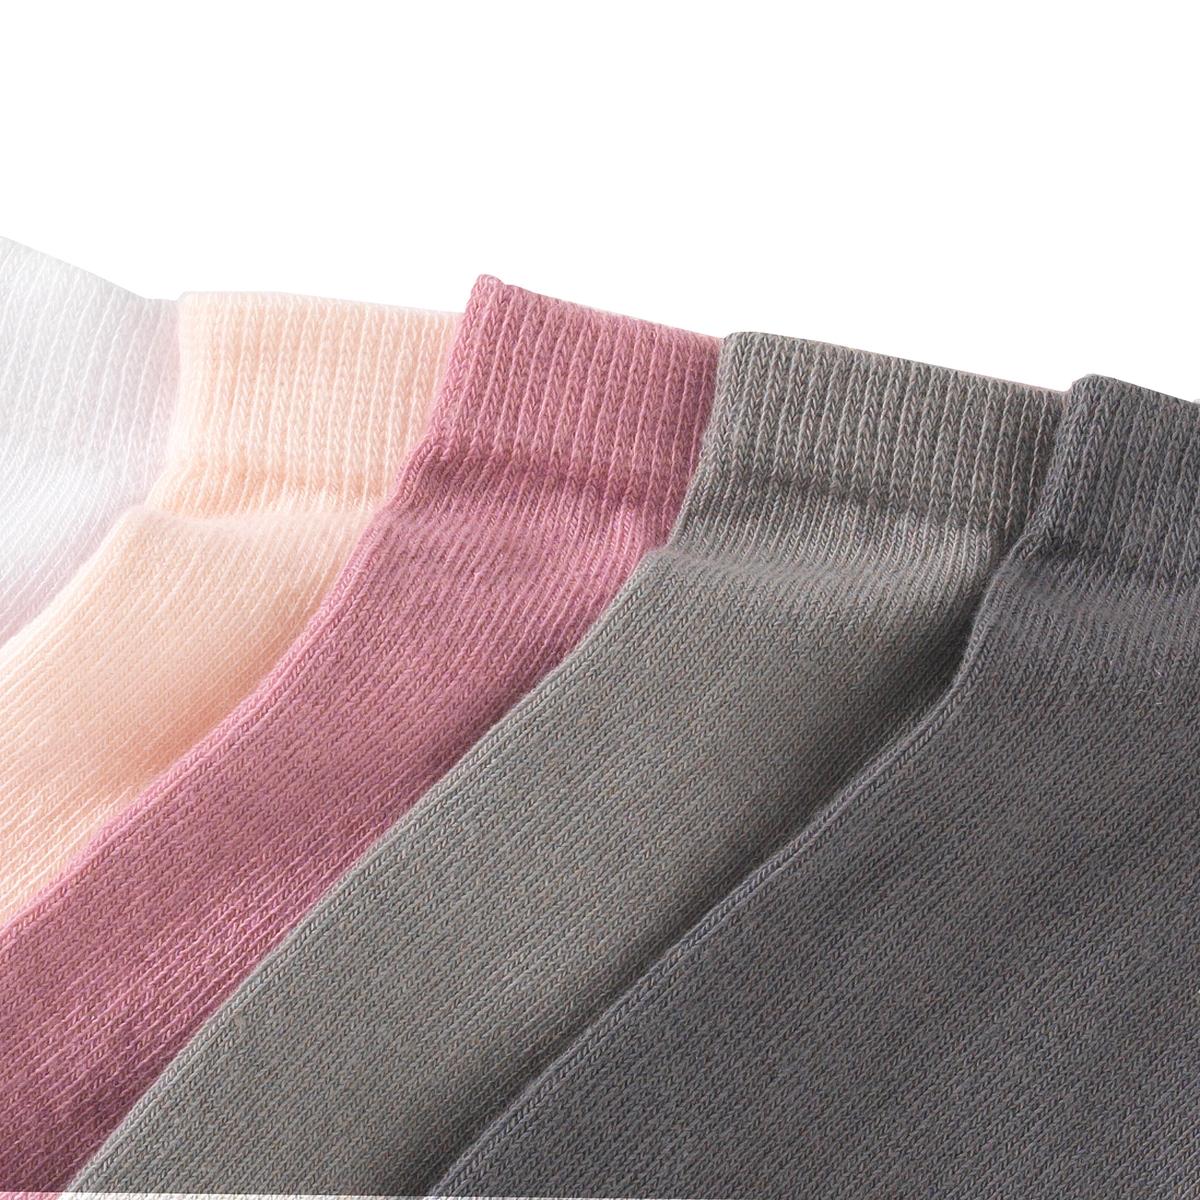 Комплект из 5 пар коротких носков из хлопкаLa Redoute<br>Комплект из 5 пар коротких носков R essentiel. 5 пар однотонных носков различного цвета.      Состав и описание               Материал  :    77% хлопка, 22% полиамида, 1% эластана     Марка  :    R essentiel          Уход      Машинная стирка при 30 °С в умеренном режиме Стирать с вещами схожих цветов<br><br>Цвет: розовый/ серый<br>Размер: 38/41